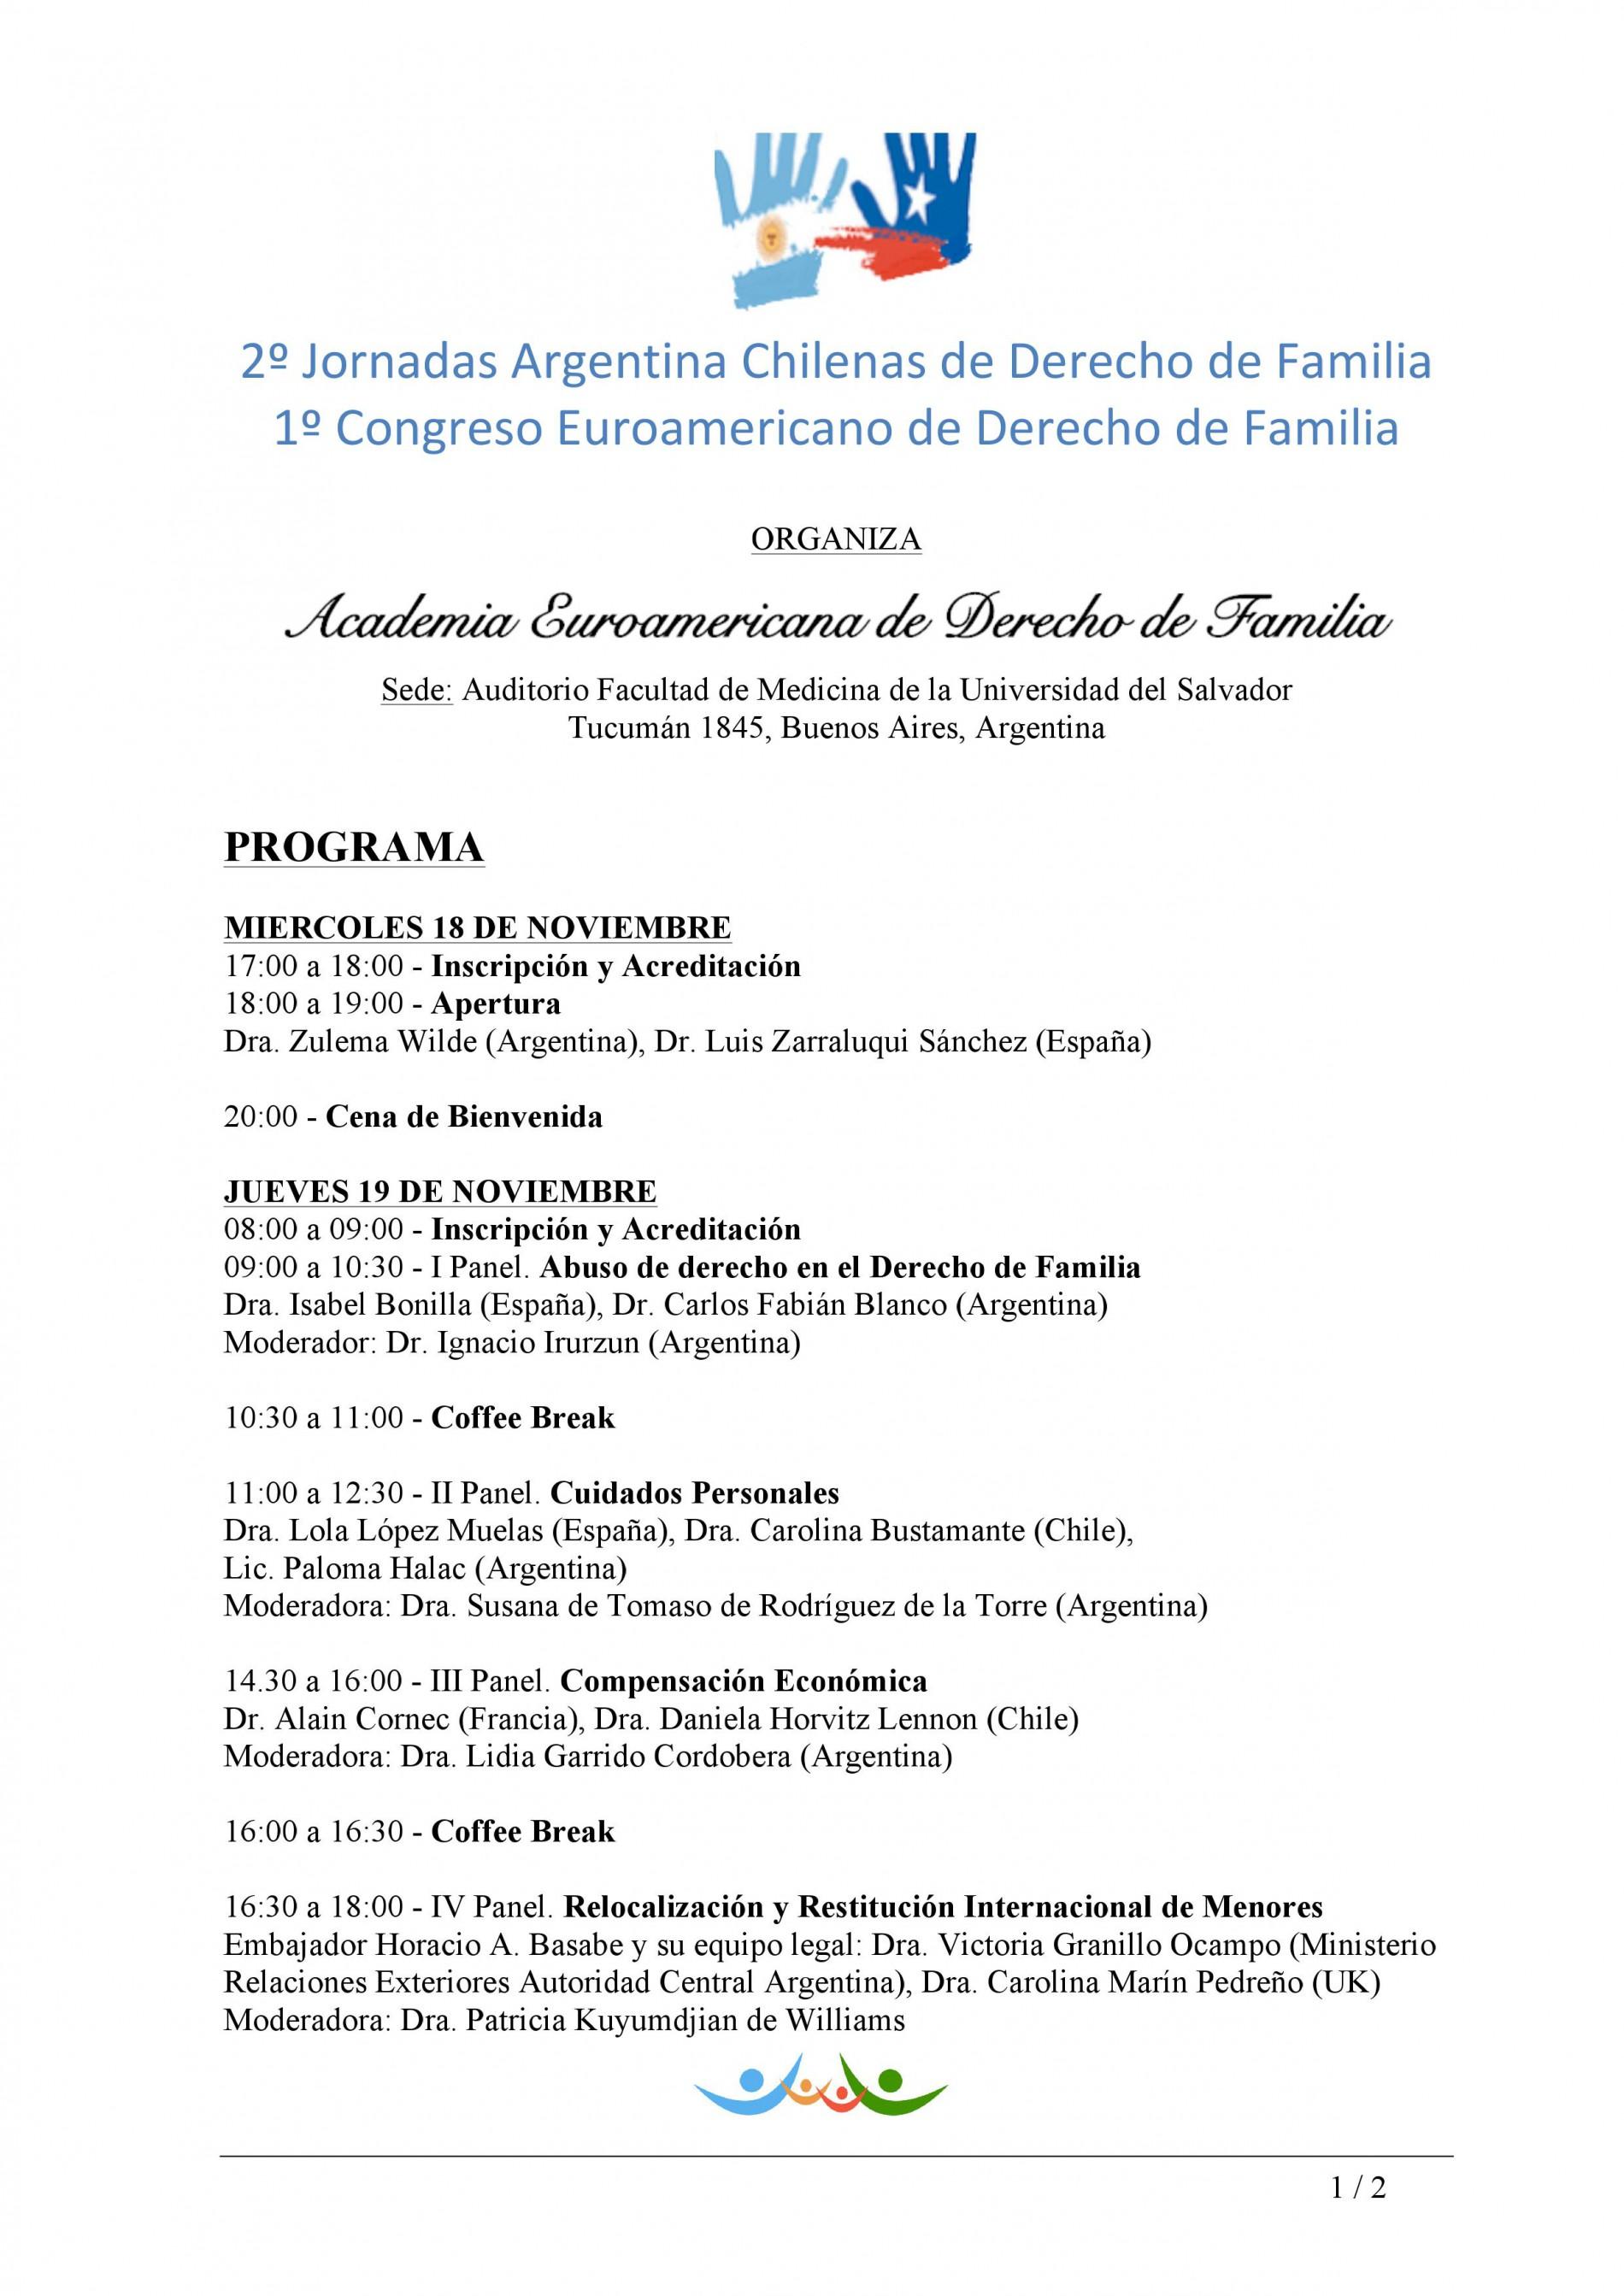 Programa del 1º Congreso Euroamericano de Derecho de Familia